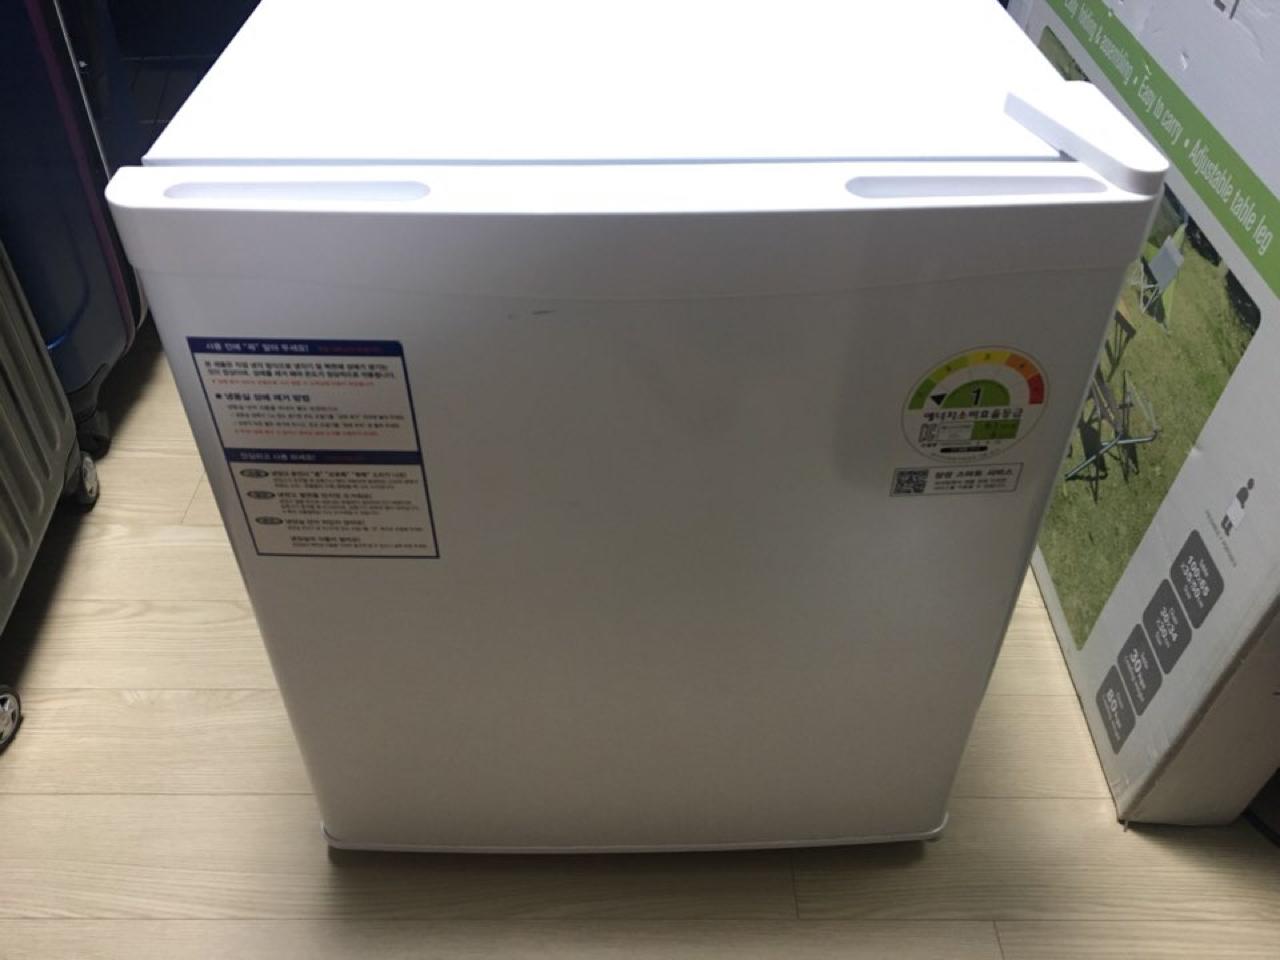 대전 삼성 원룸 냉장고 42L 고시원냉장고 RR05FARAEWW 1등급